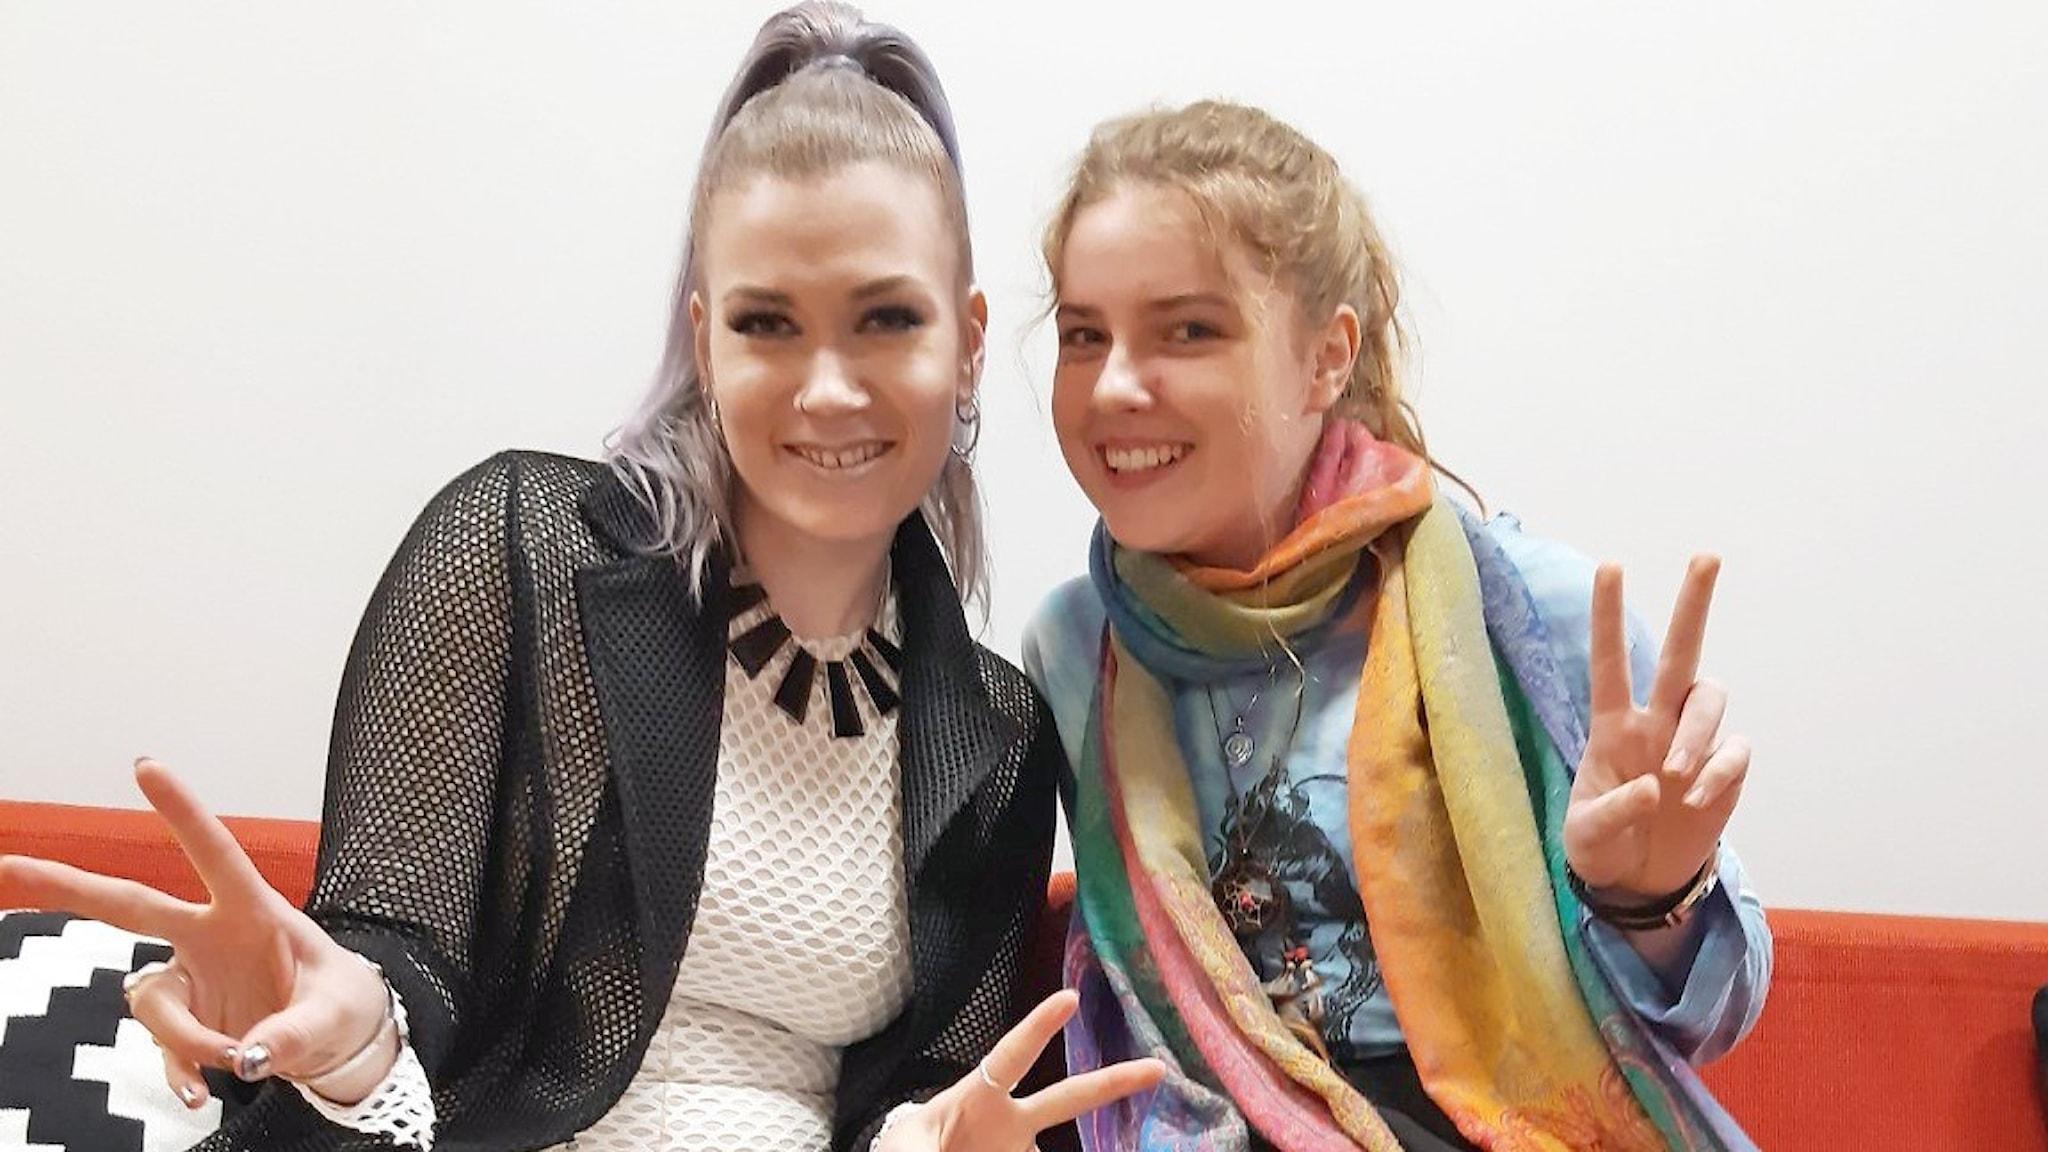 BESS ja Roosa Tuutti näyttävät voitonmerkkiä ja hymyilevät kameralle